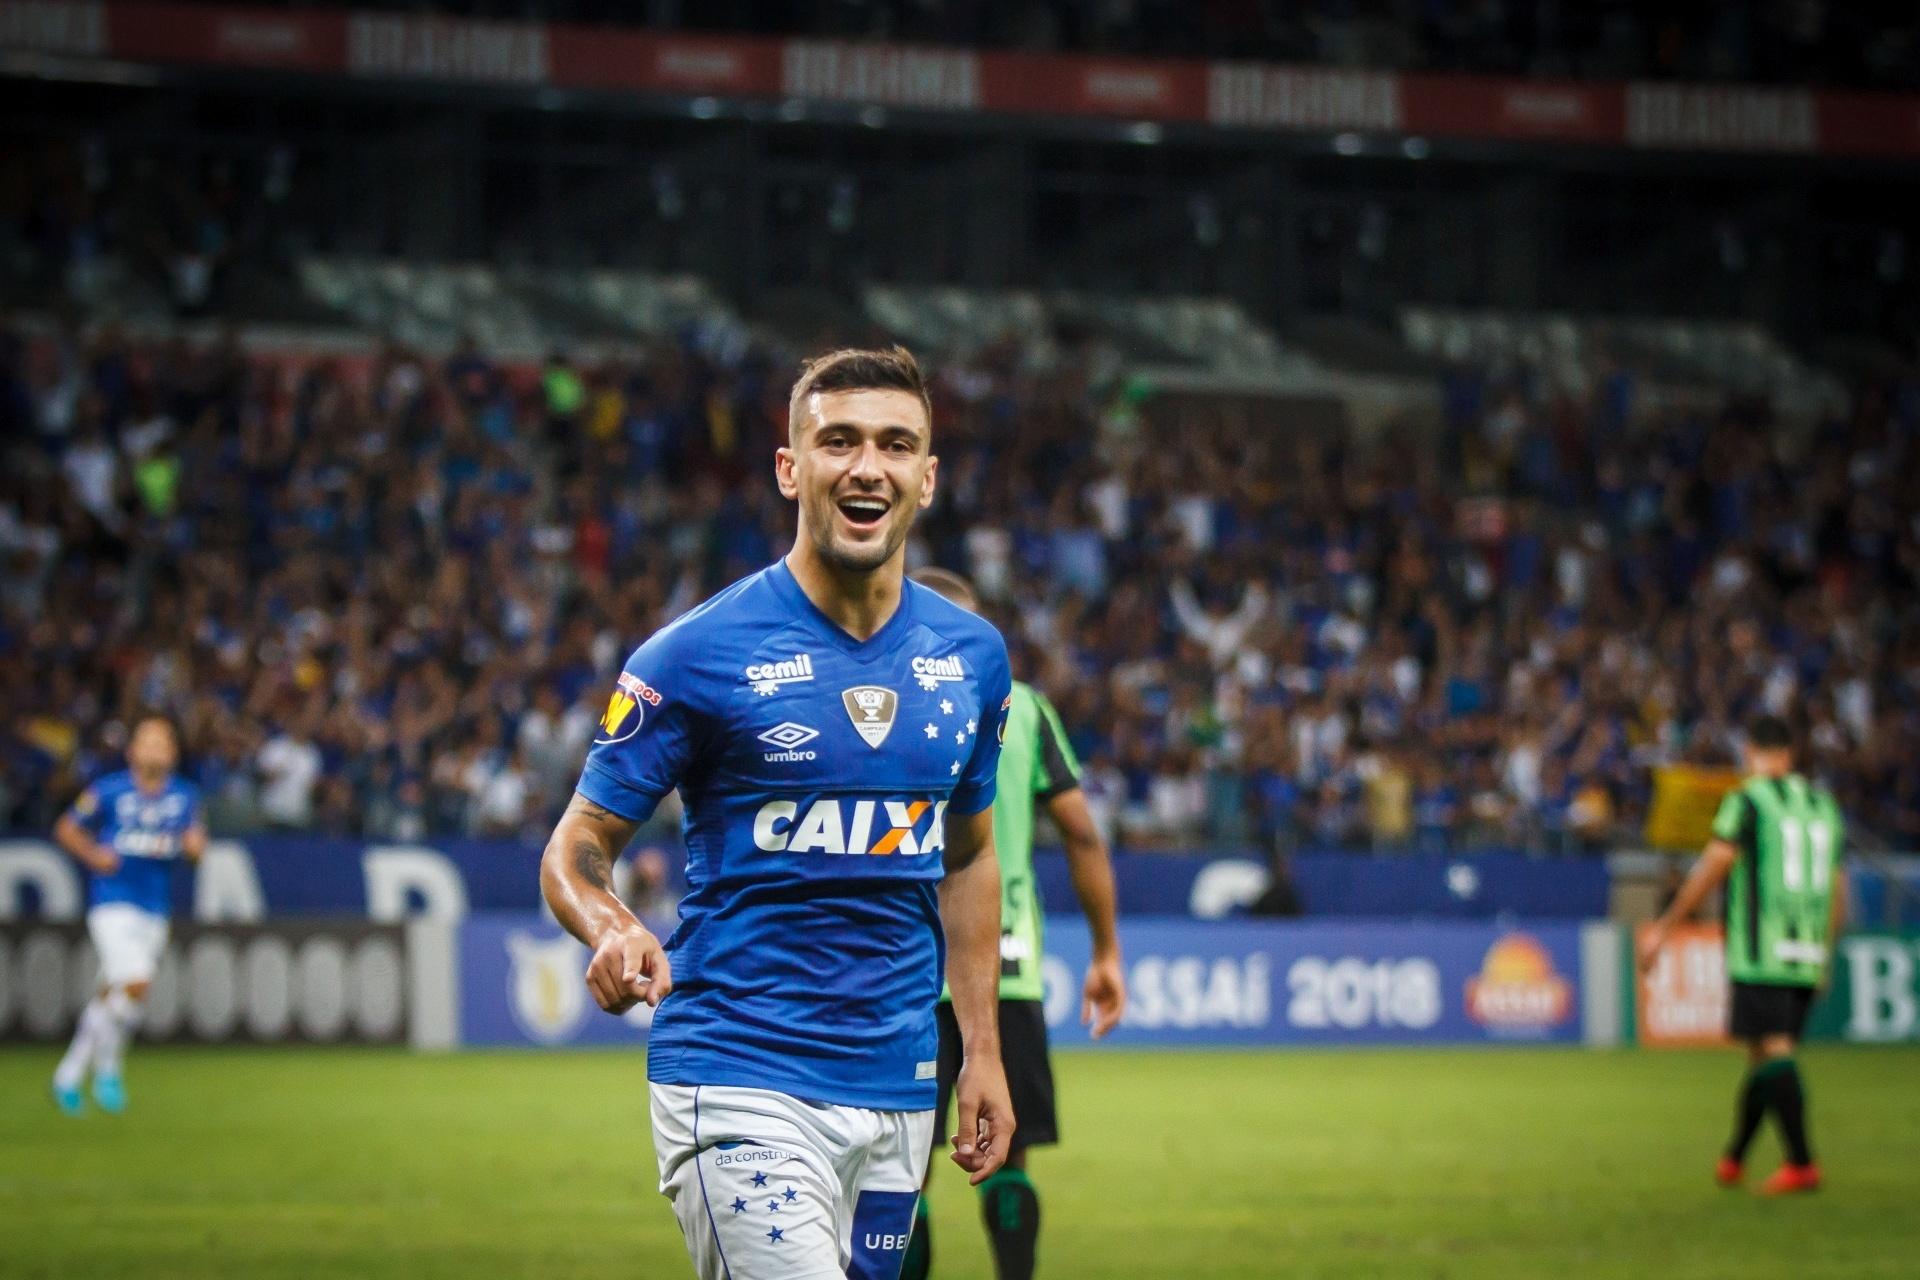 68a93a617d Fla fecha com Arrascaeta em maior compra da história do futebol brasileiro  - Esporte - BOL